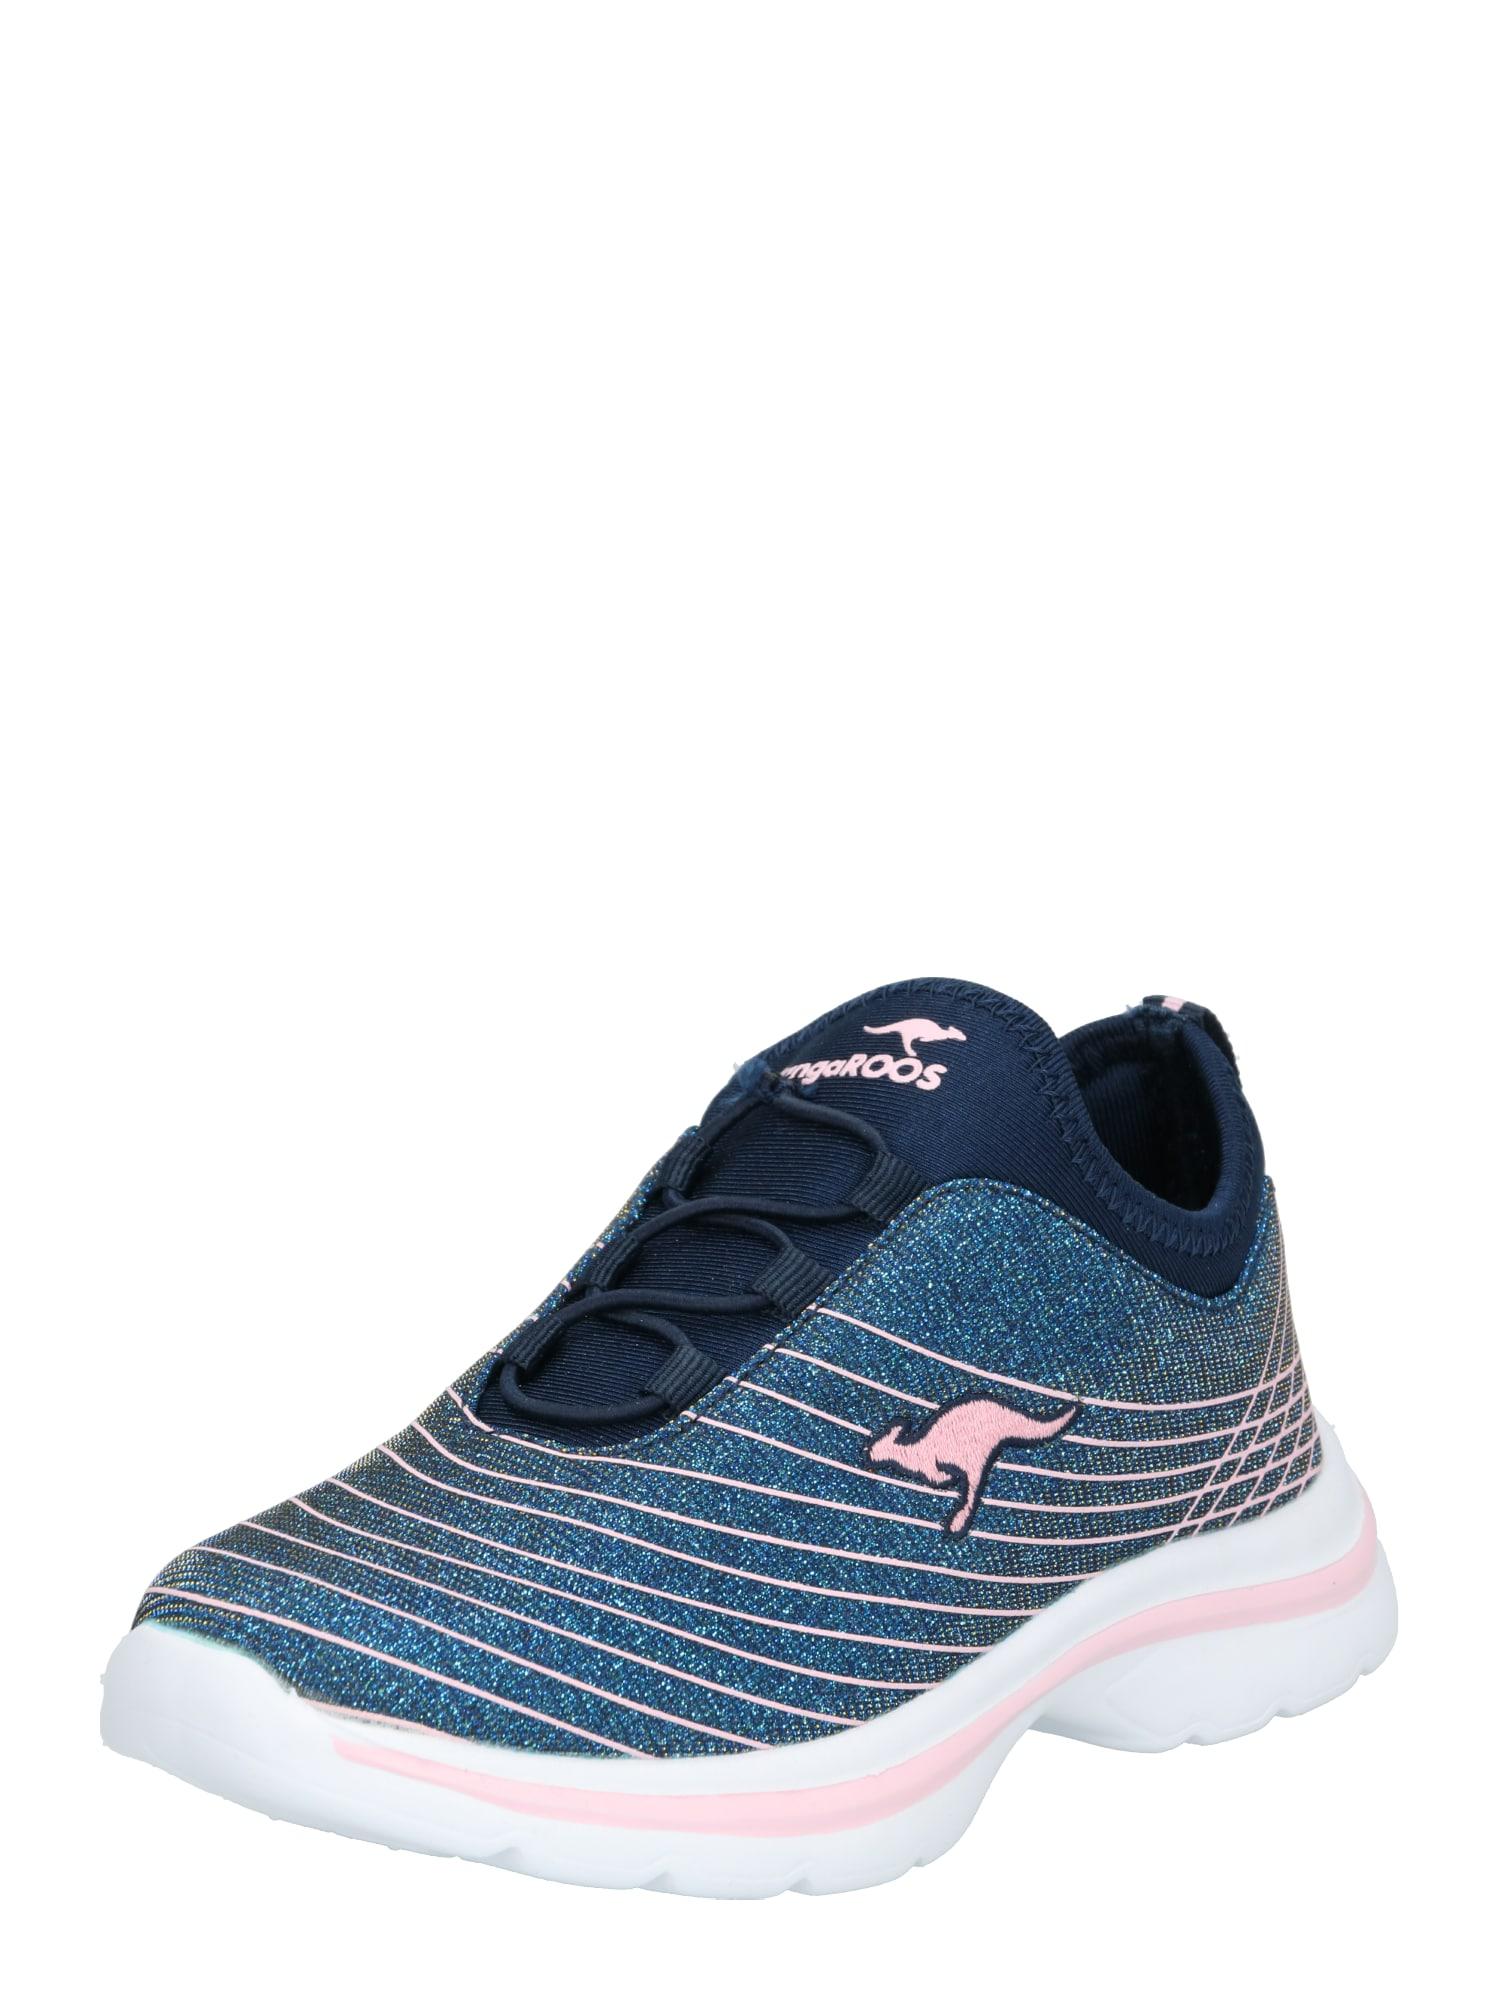 Tenisky Kangaslip modrá růžová KangaROOS